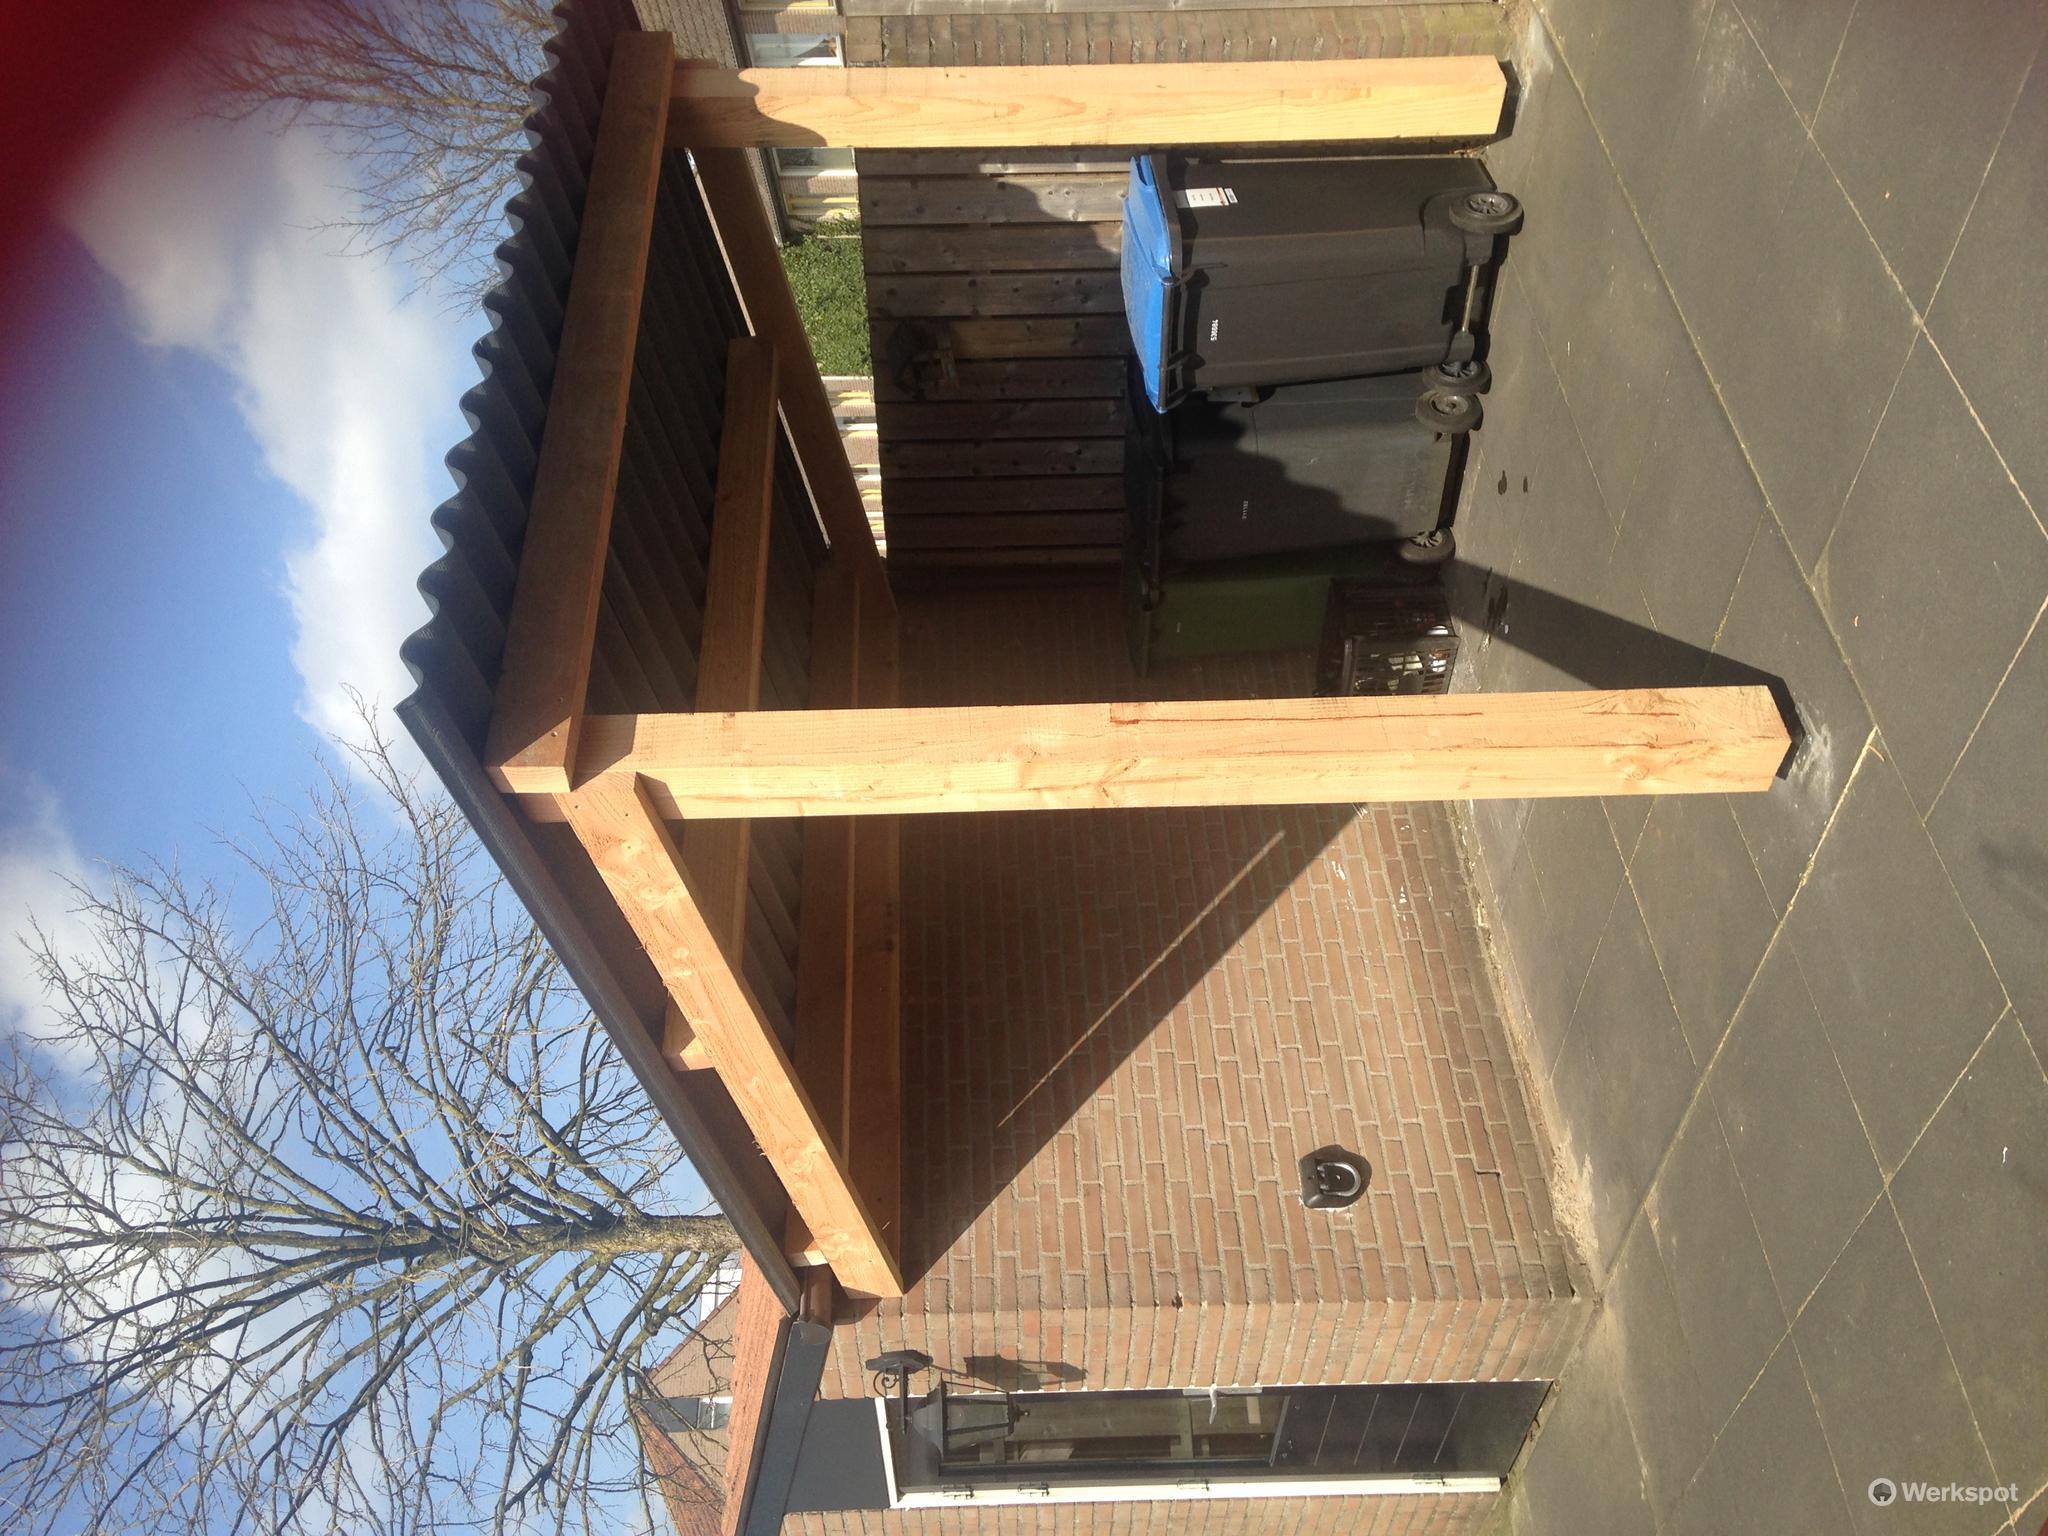 Overkapping met plat dak maken 2.83x2.50 werkspot